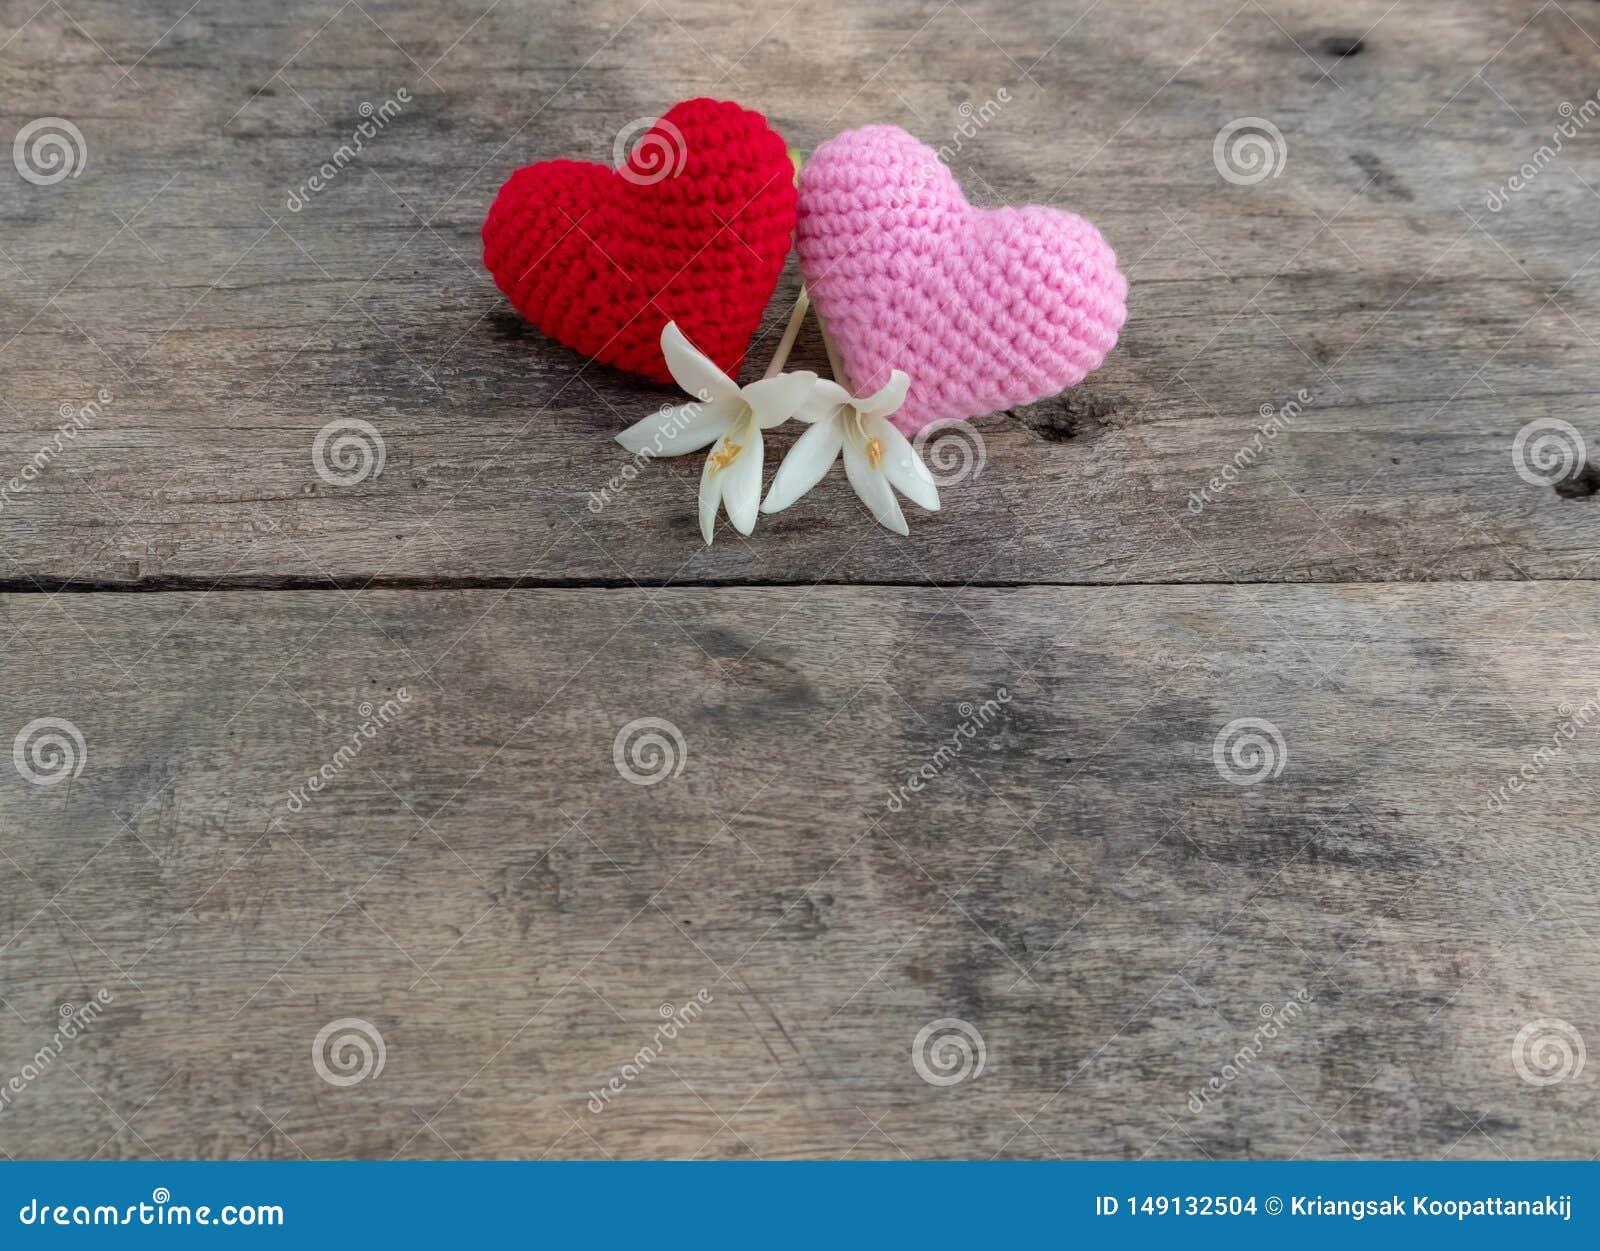 Красные и розовые nitting сердца с цветками на деревянном столе